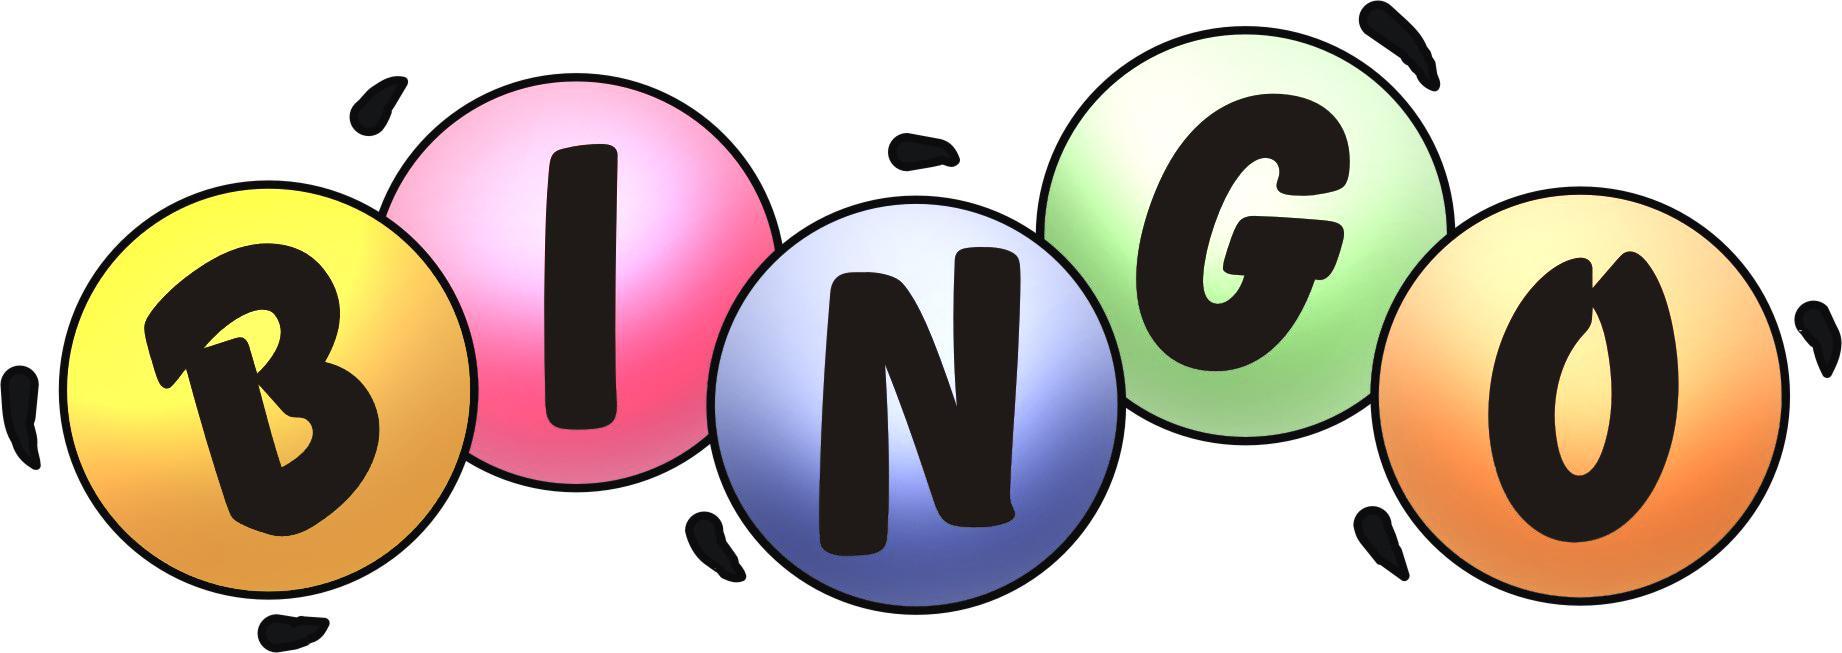 1842x653 Reminder! Family Bingo Night Tonight